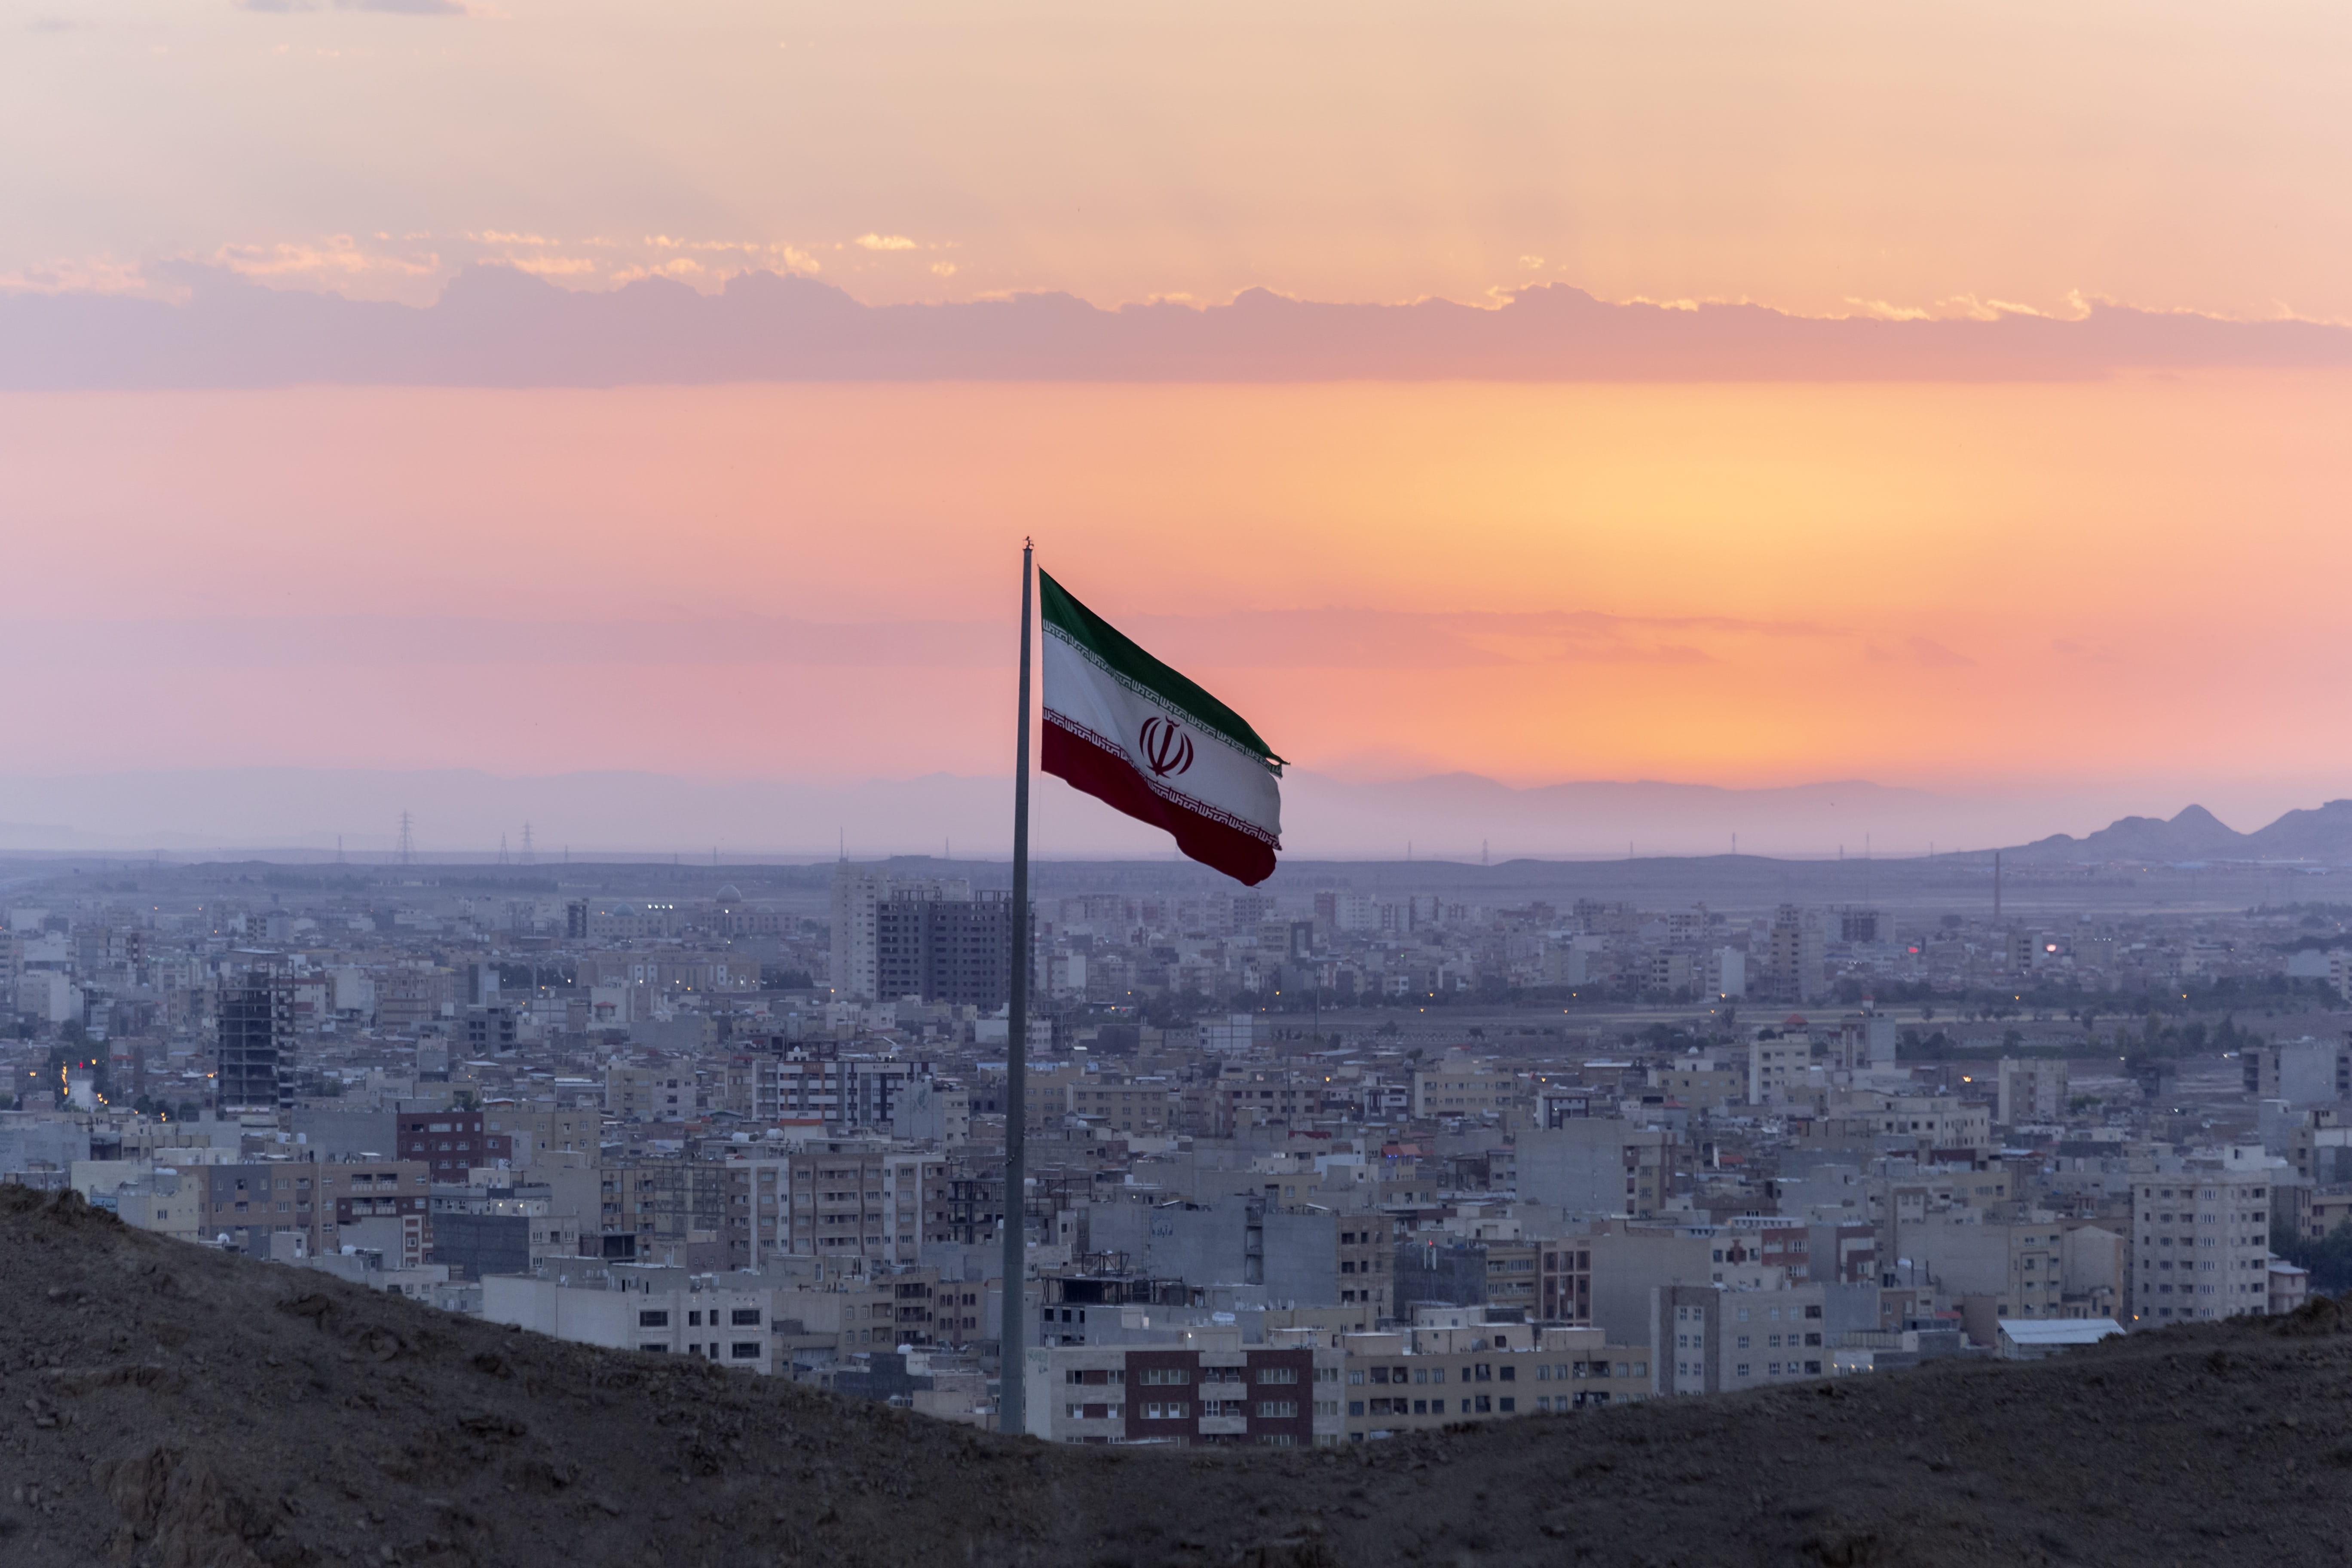 Gospodarka Iranu w obliczu sankcji i pandemii, część 1